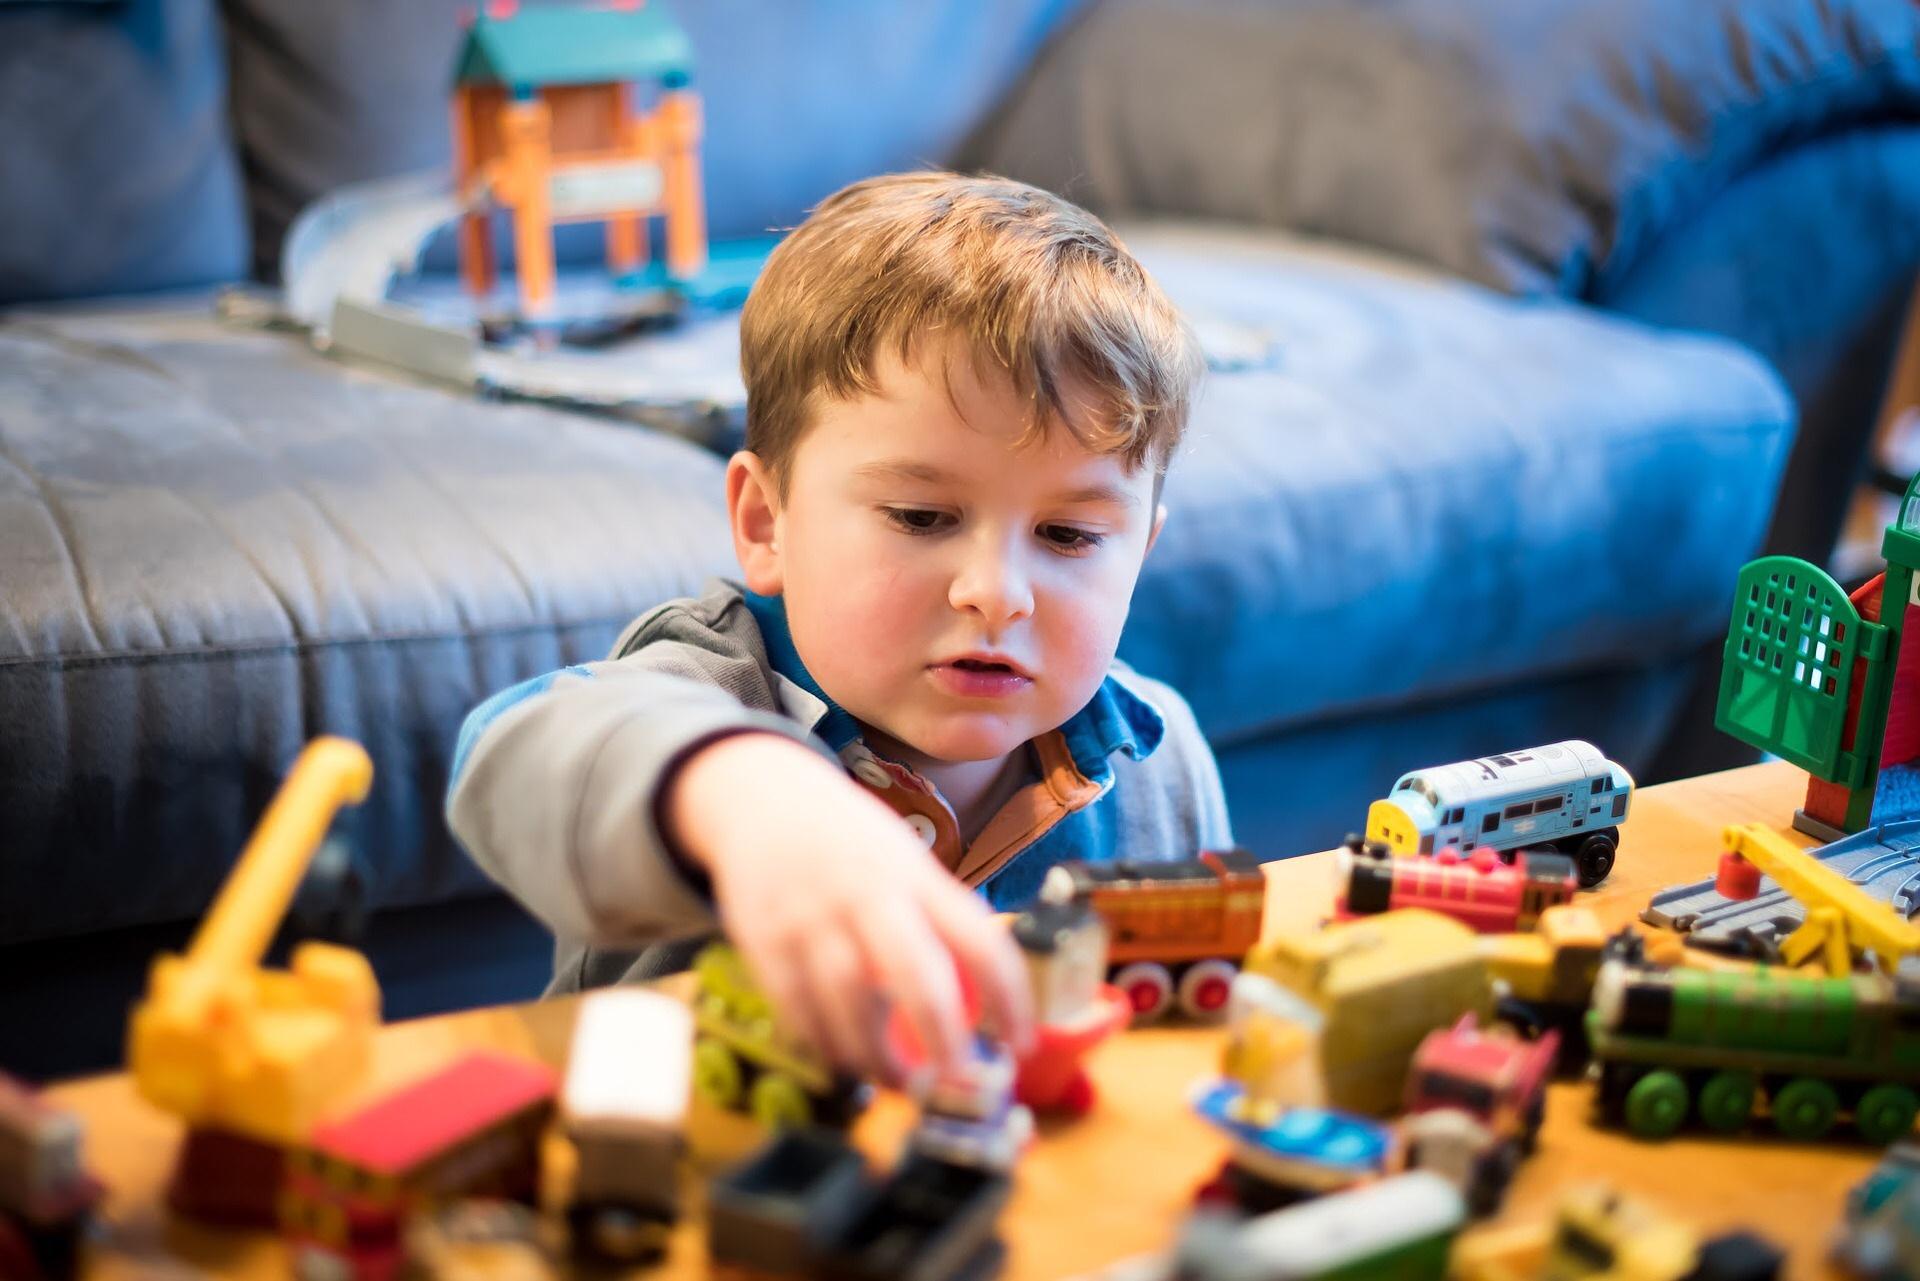 積極的にお片づけができるようになる子供への魔法の声かけ方法(実践済み)